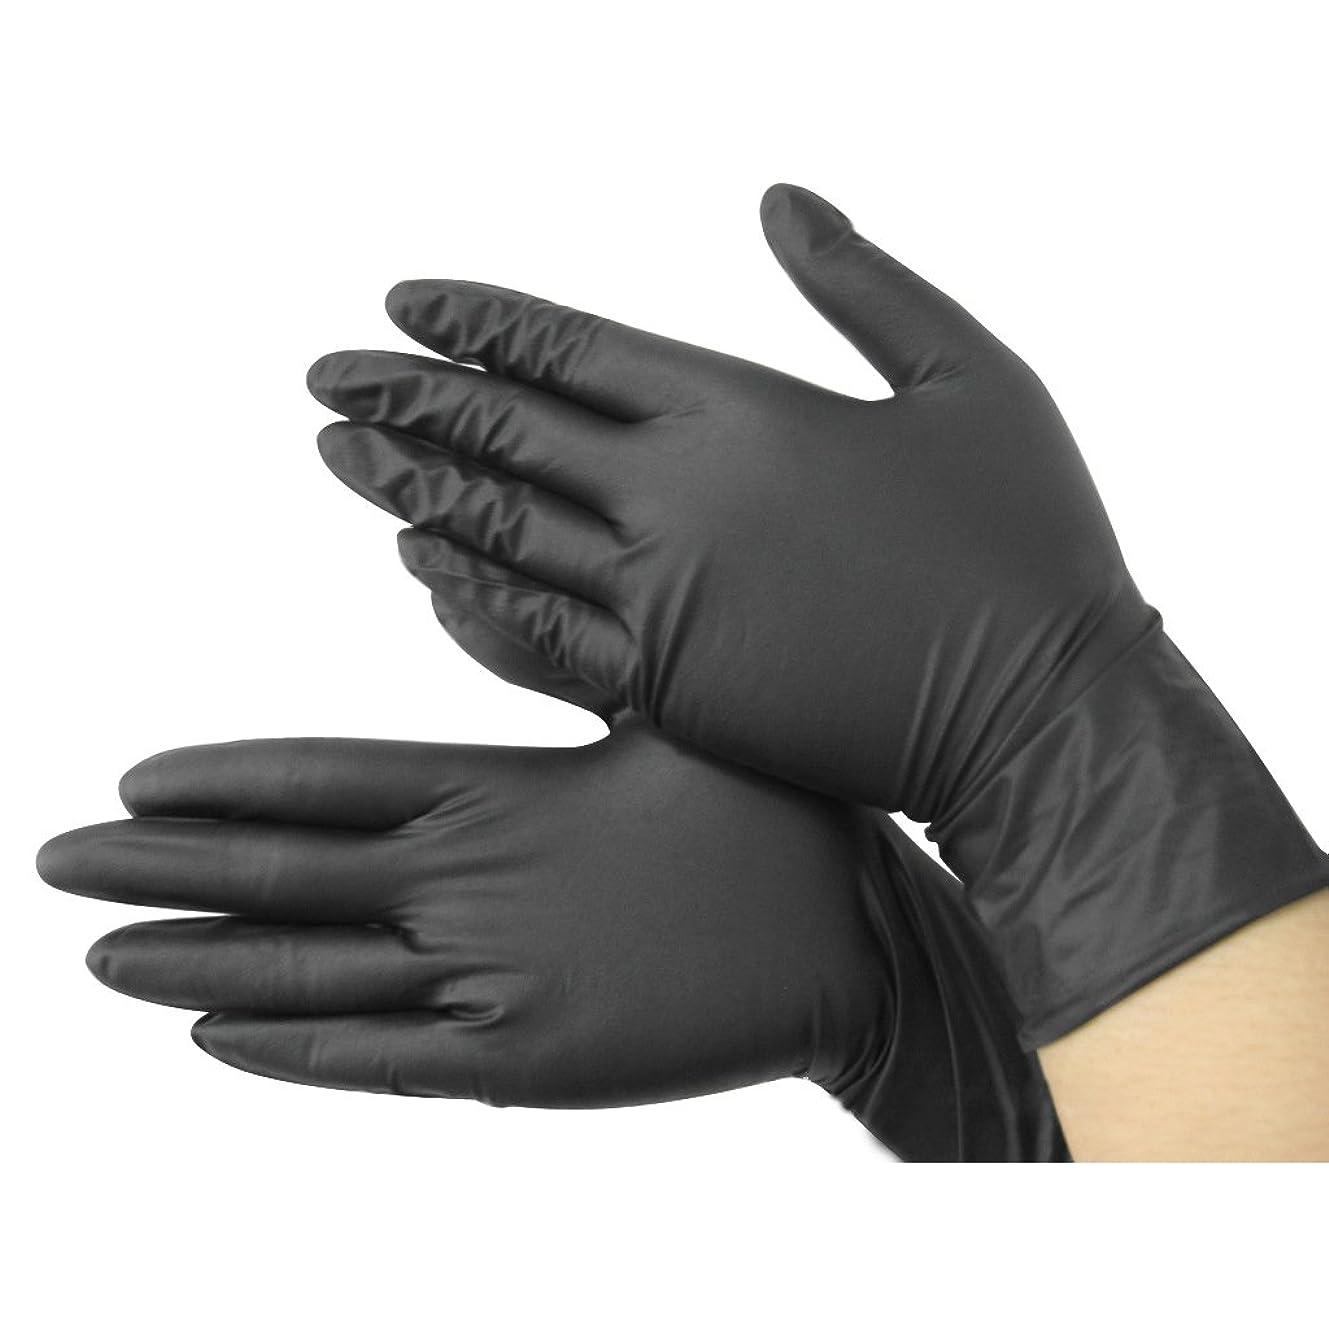 吐く外観恐ろしいCUHAWUDBA 黒いニトリル使い捨てクール手袋 パワーフリーX100 - 入れ墨 - メカニック 新しい